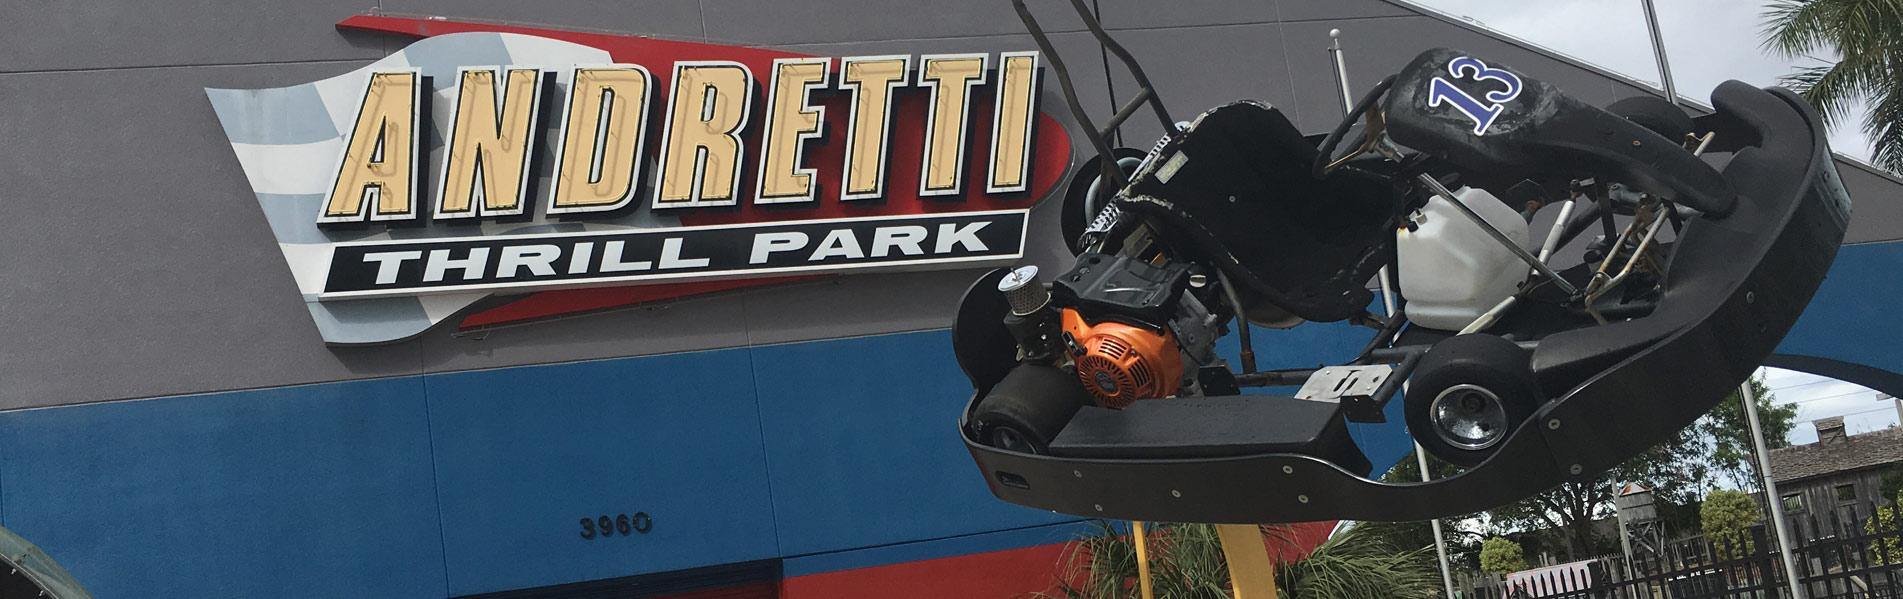 Andretti Thrill Park